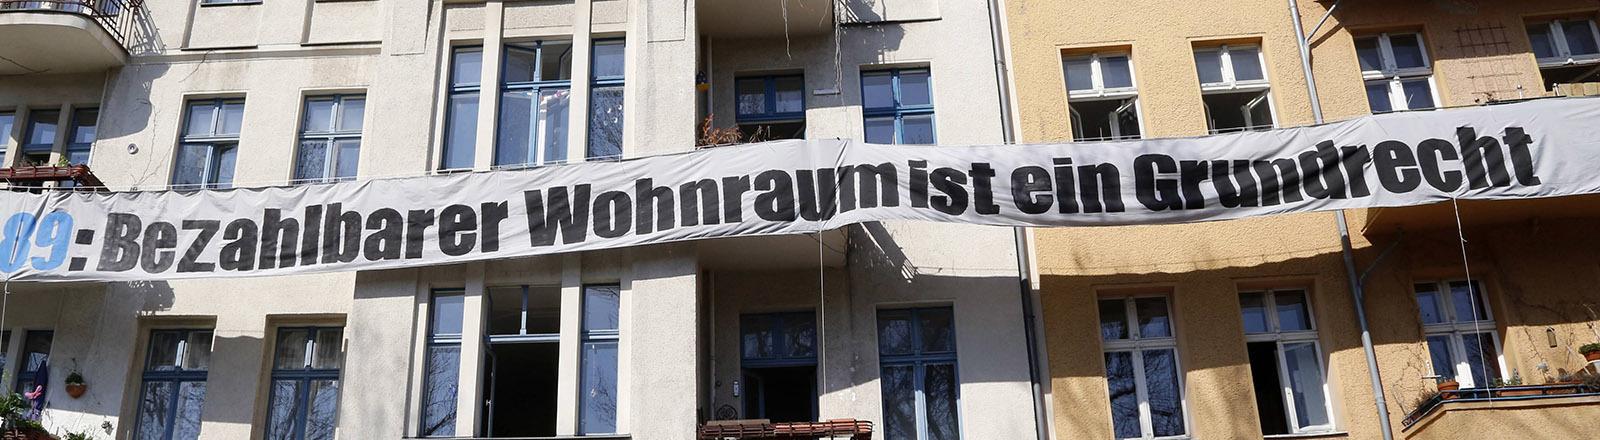 """Ein Banner an einem Mietshaus in Berlin mit der Aufschrift """"Bezahlbarer Wohnraum ist ein Grundrecht"""""""